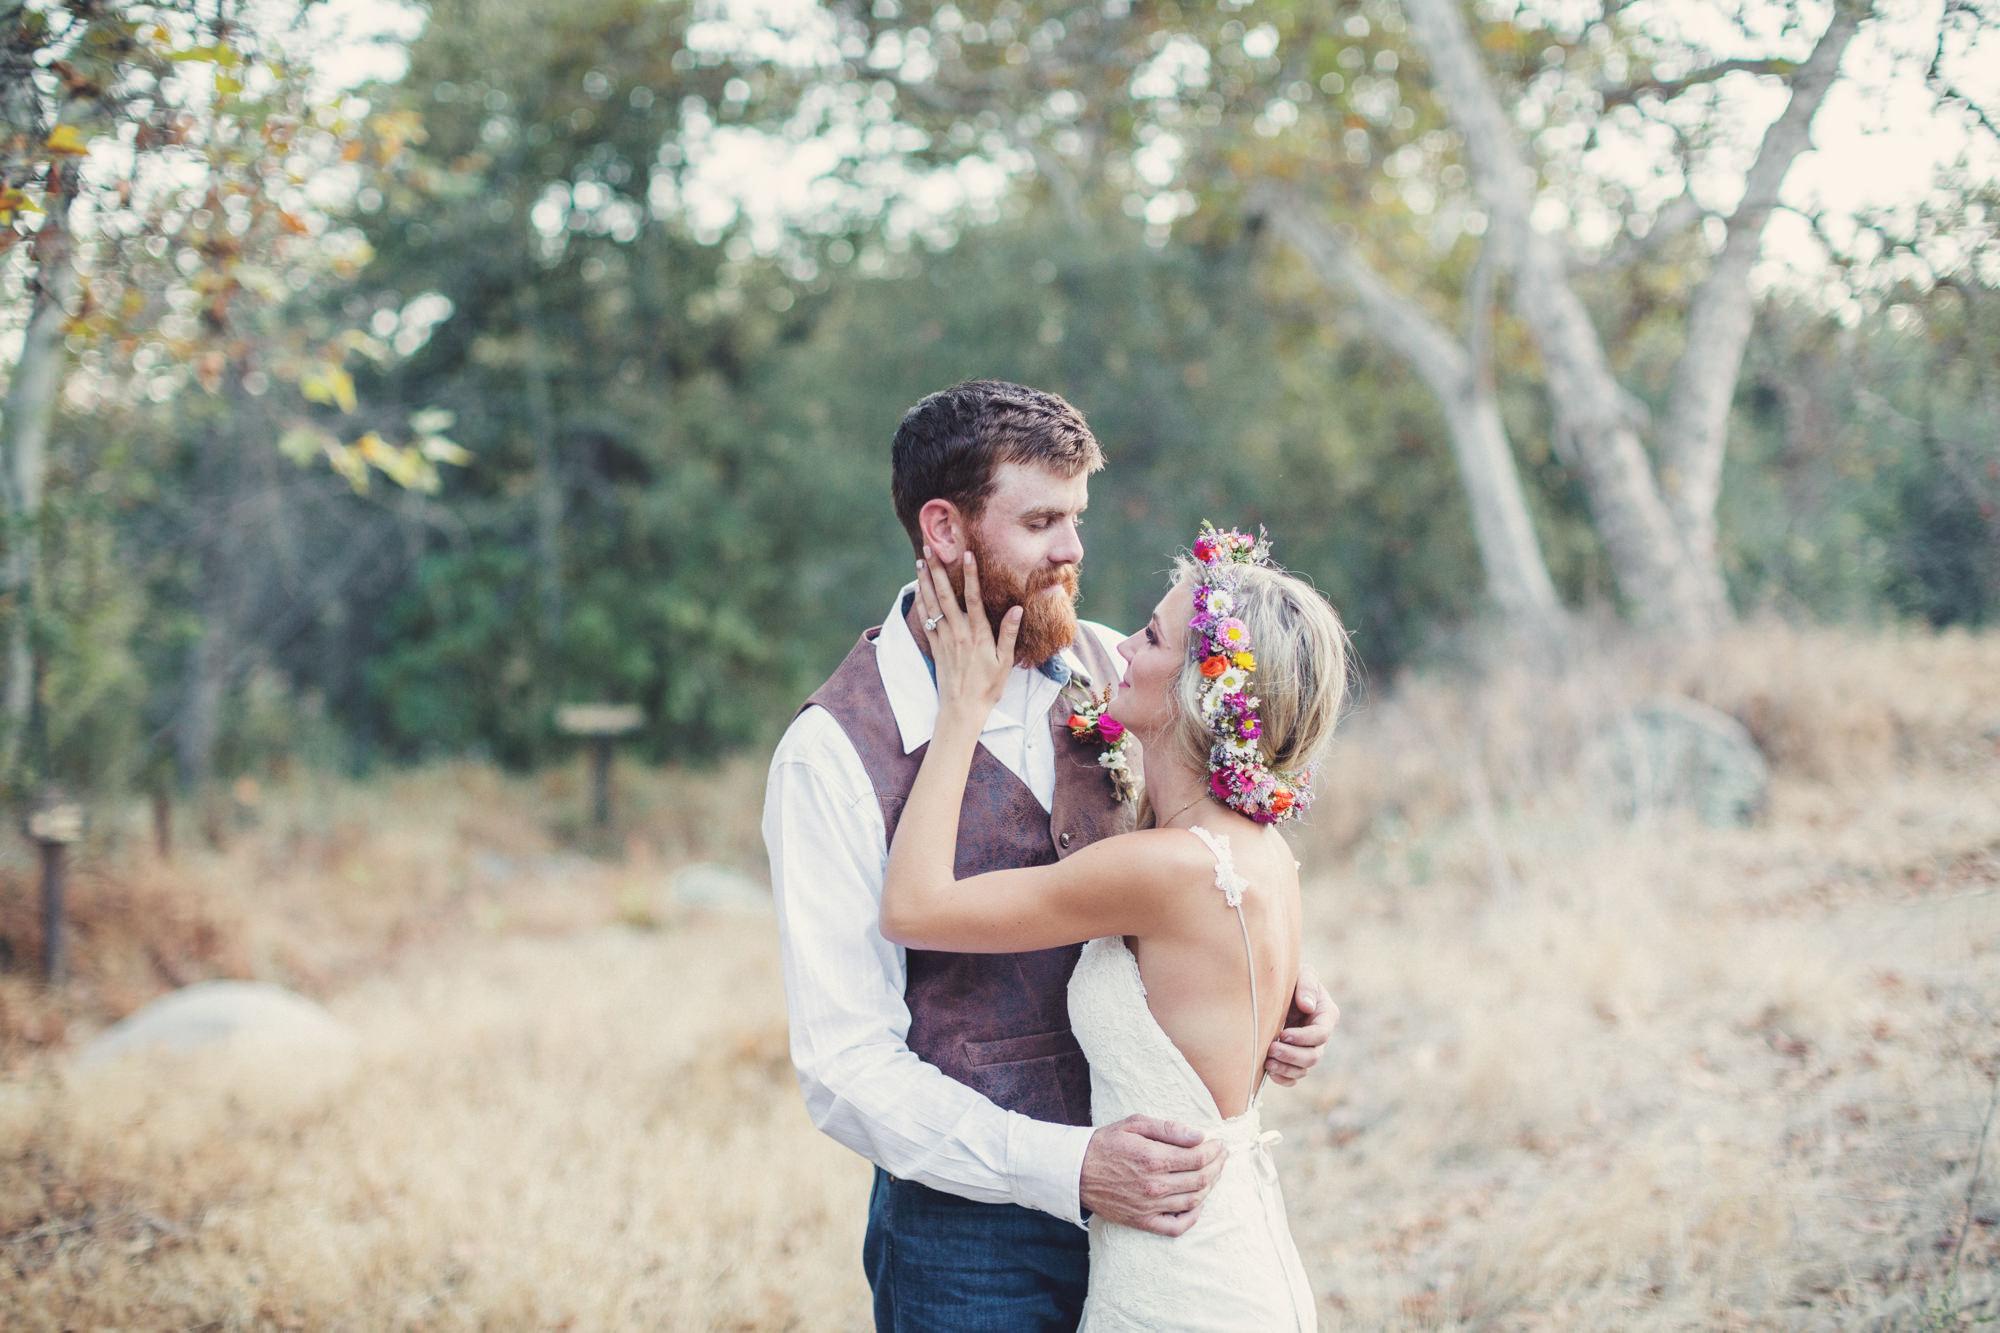 Rustic wedding in California ©Anne-Claire Brun 86